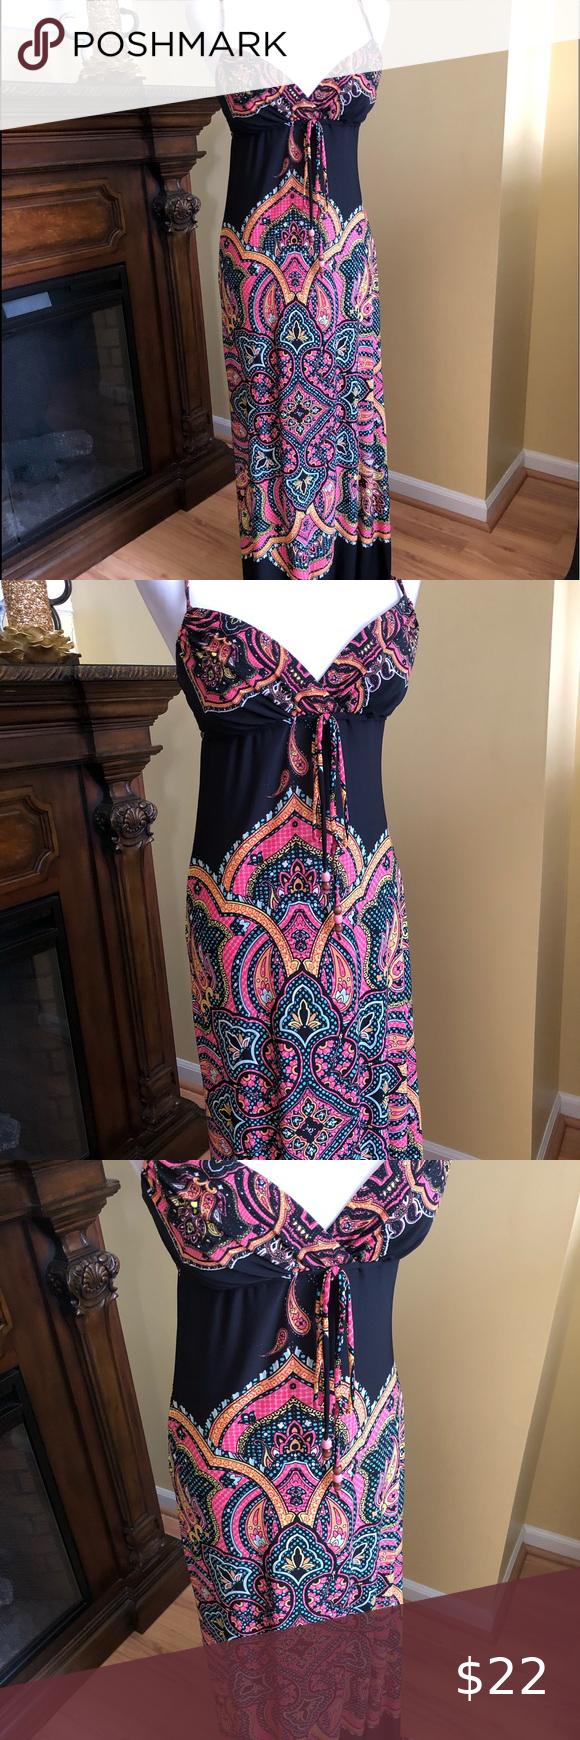 Windsor Maxi Dress In 2020 Maxi Dress Summer Maxi Dress Dresses [ 1740 x 580 Pixel ]